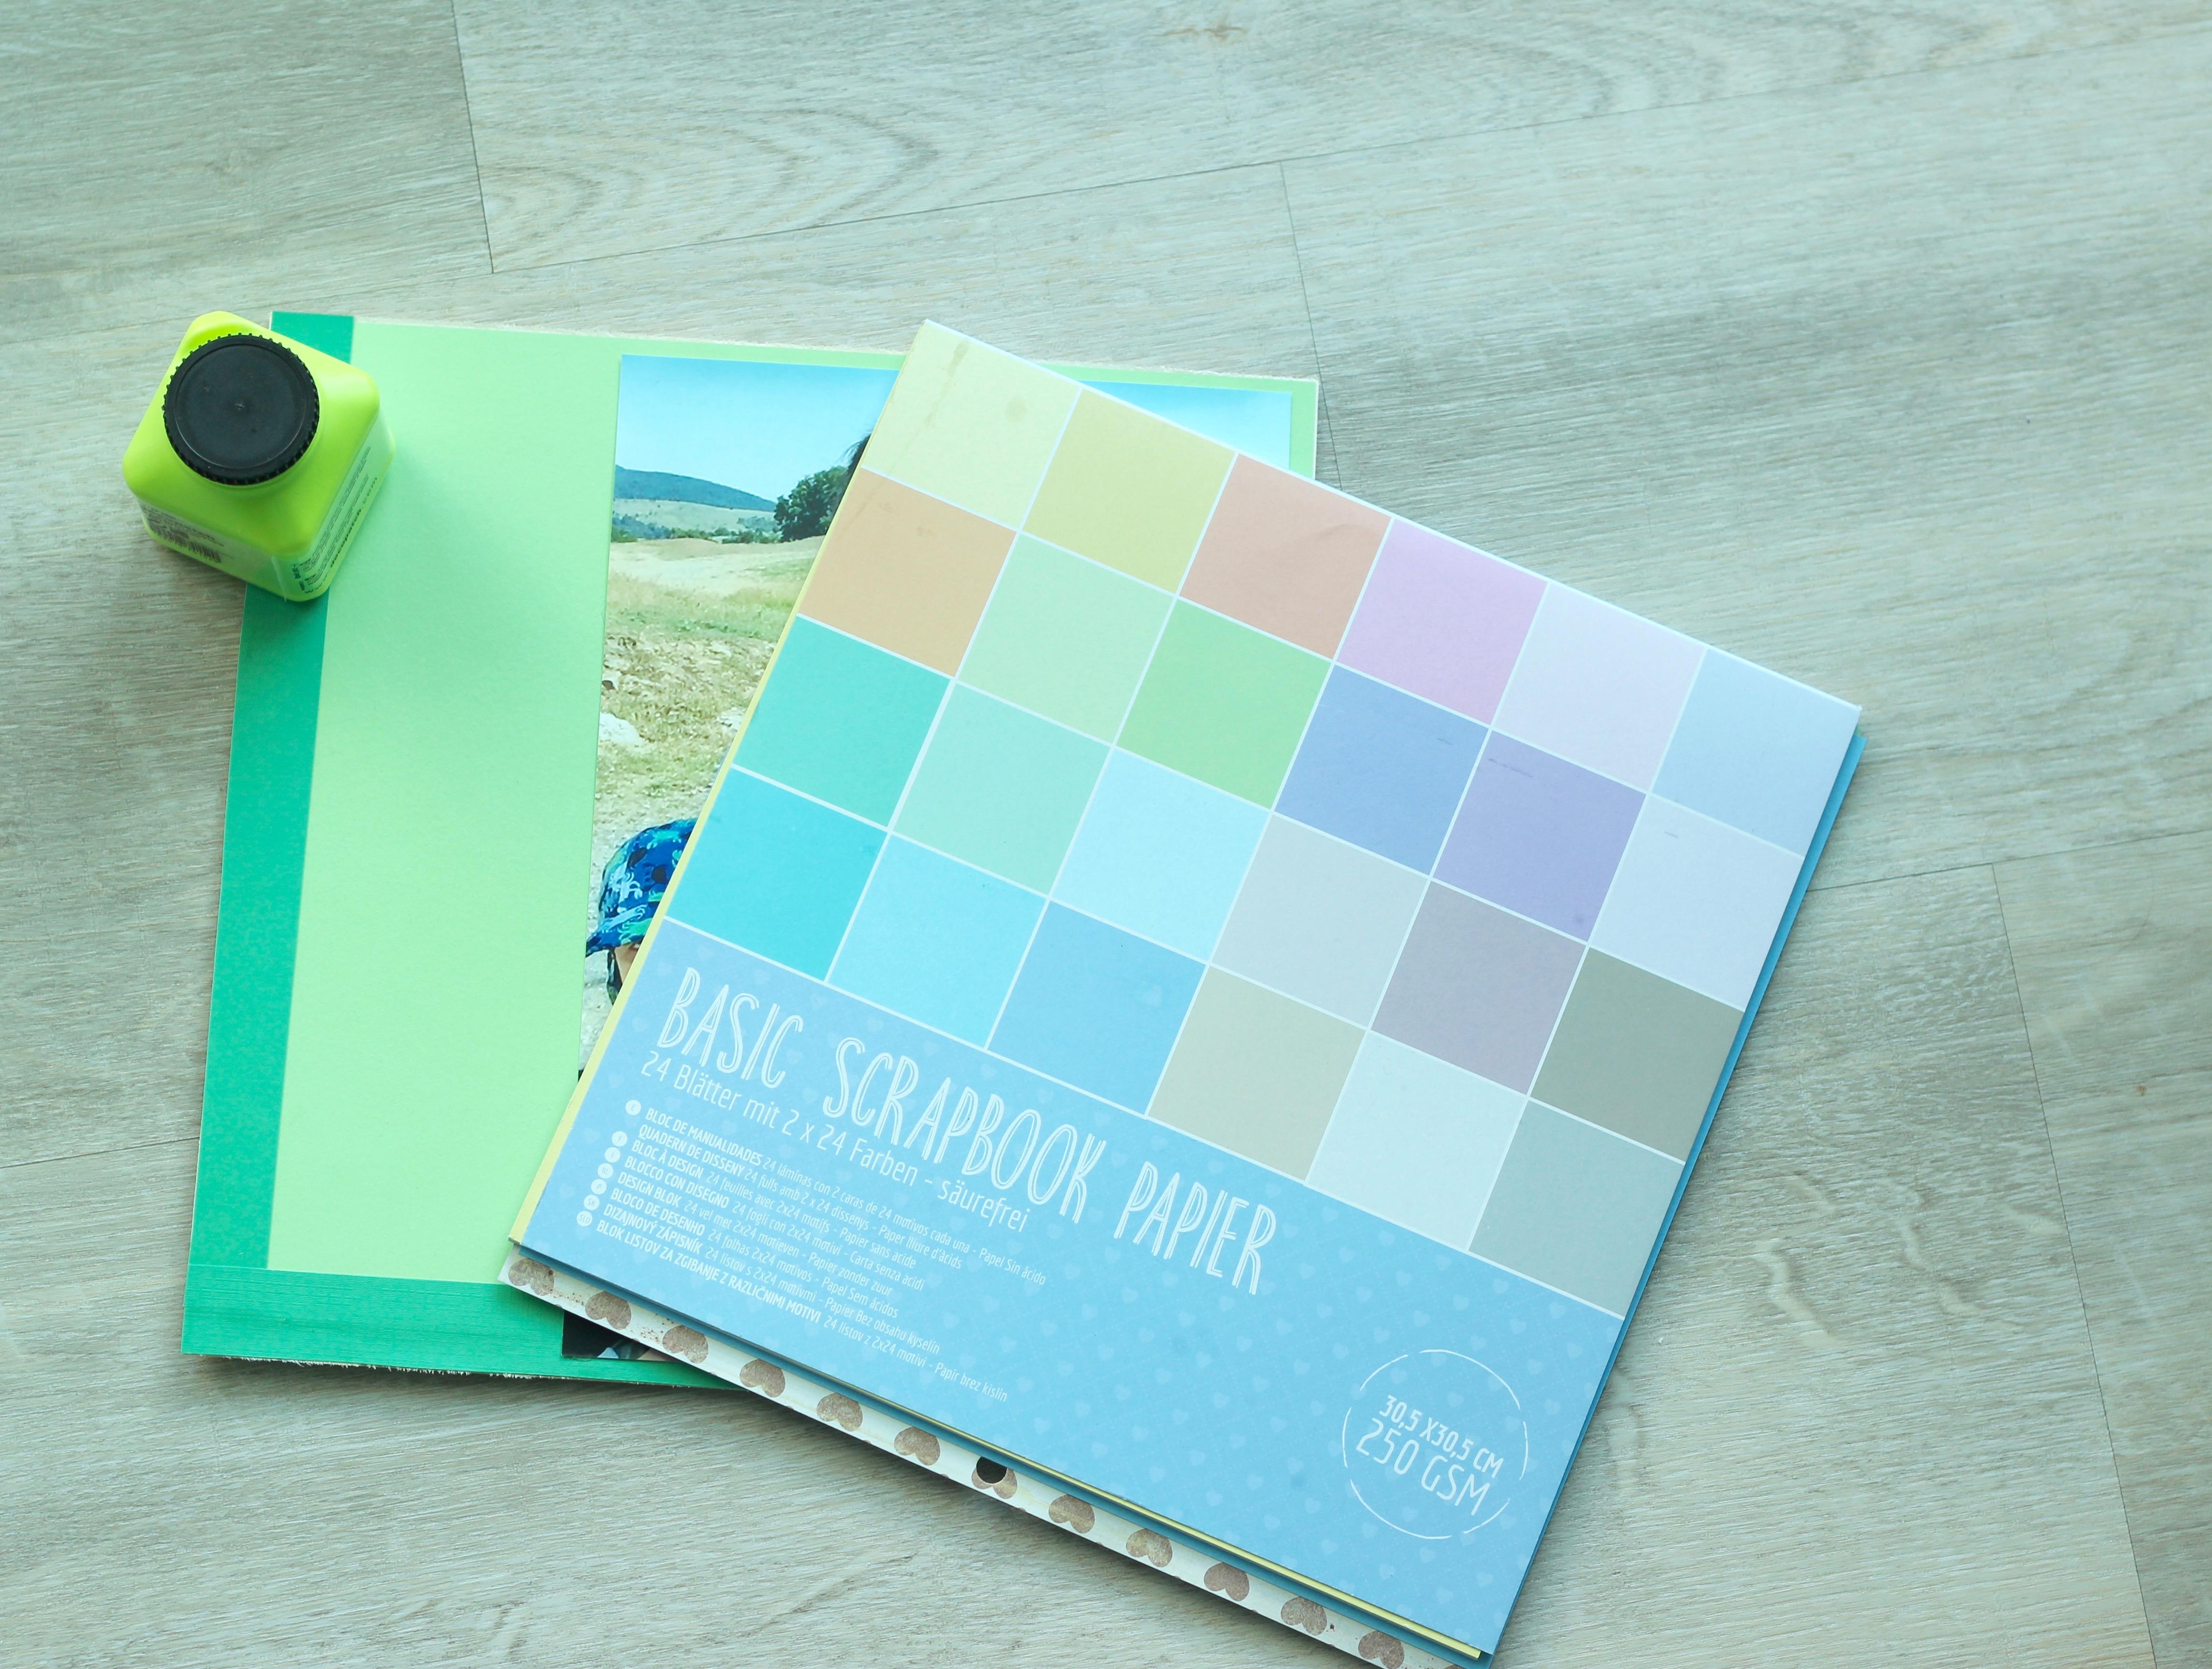 DIY für eure Urlaubserinnerungen - buntes Papier und Urlaubsfotos für die Rückwand